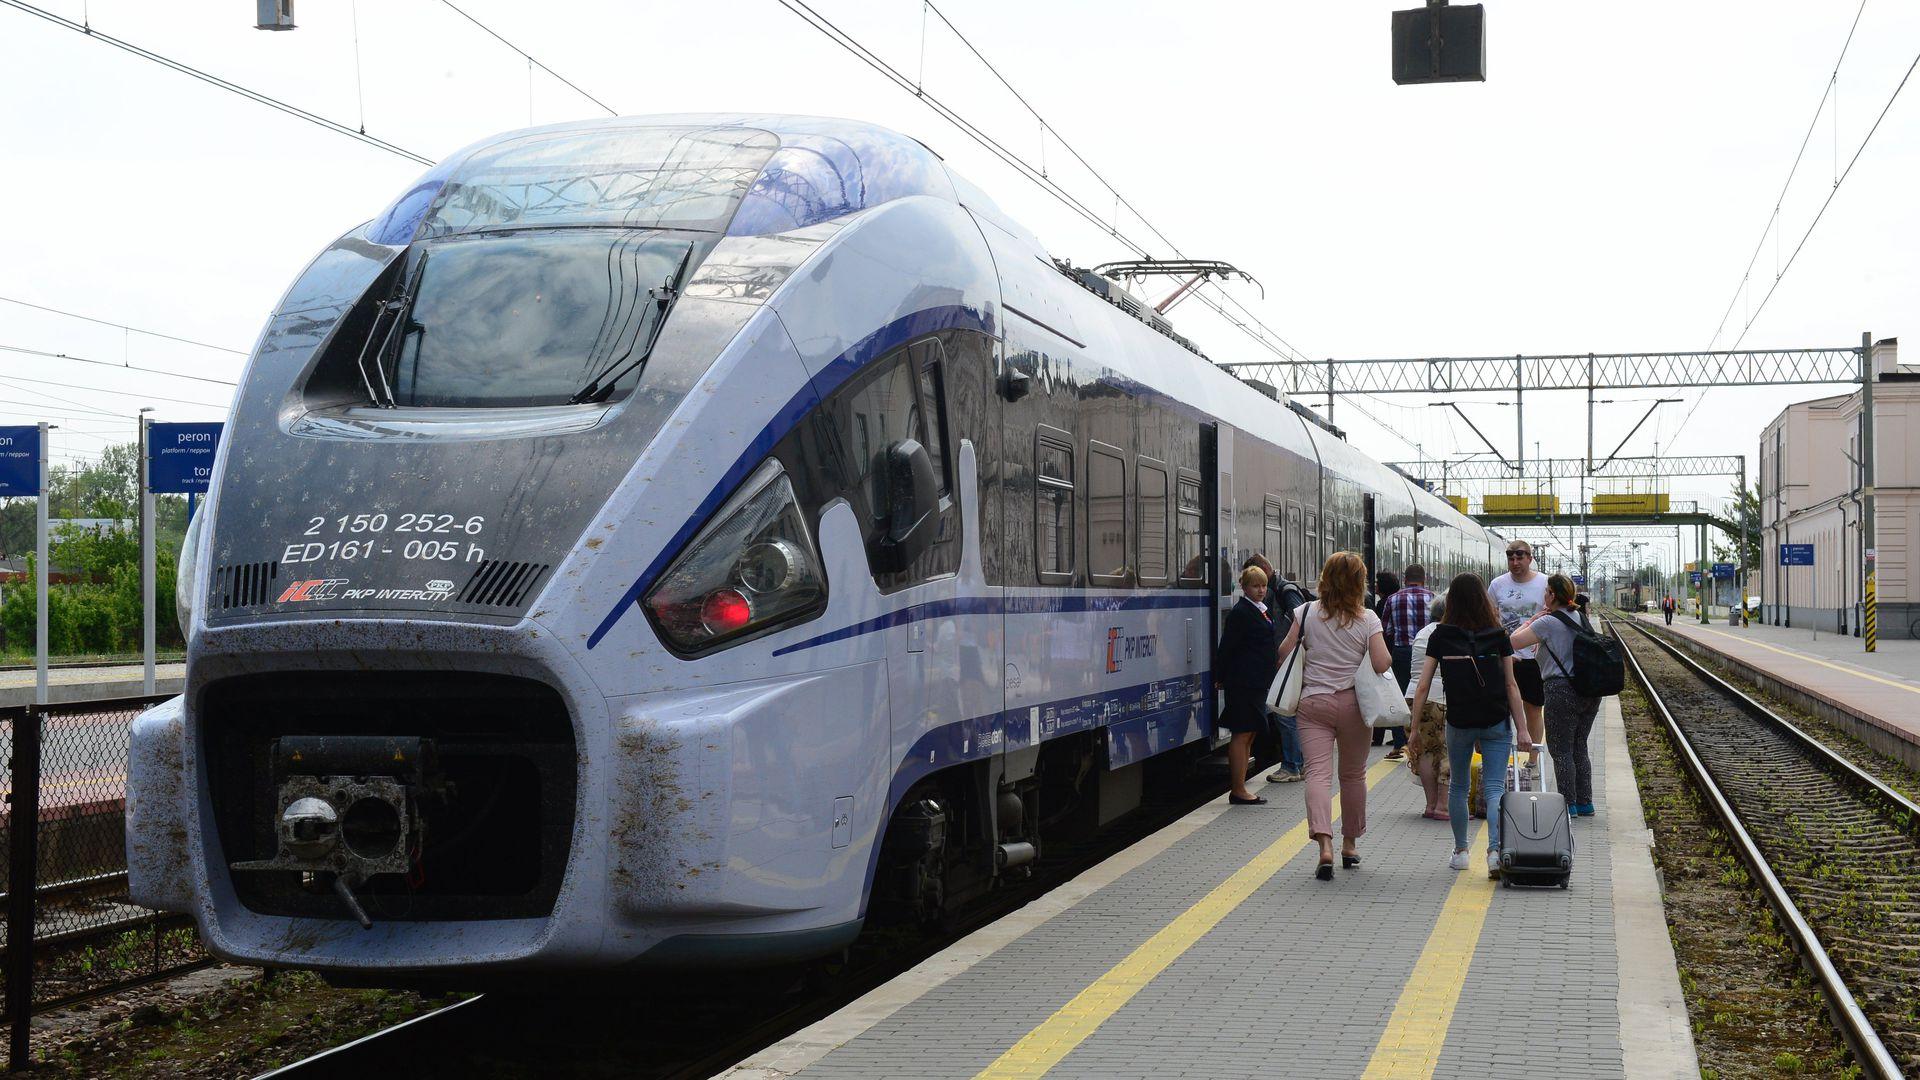 9a95d8f5cc6 Postimees sõidab rongiga Berliini: Pikk päevatee Kaunasest Berliini -  Postimees TV - videod, saated, ülekanded